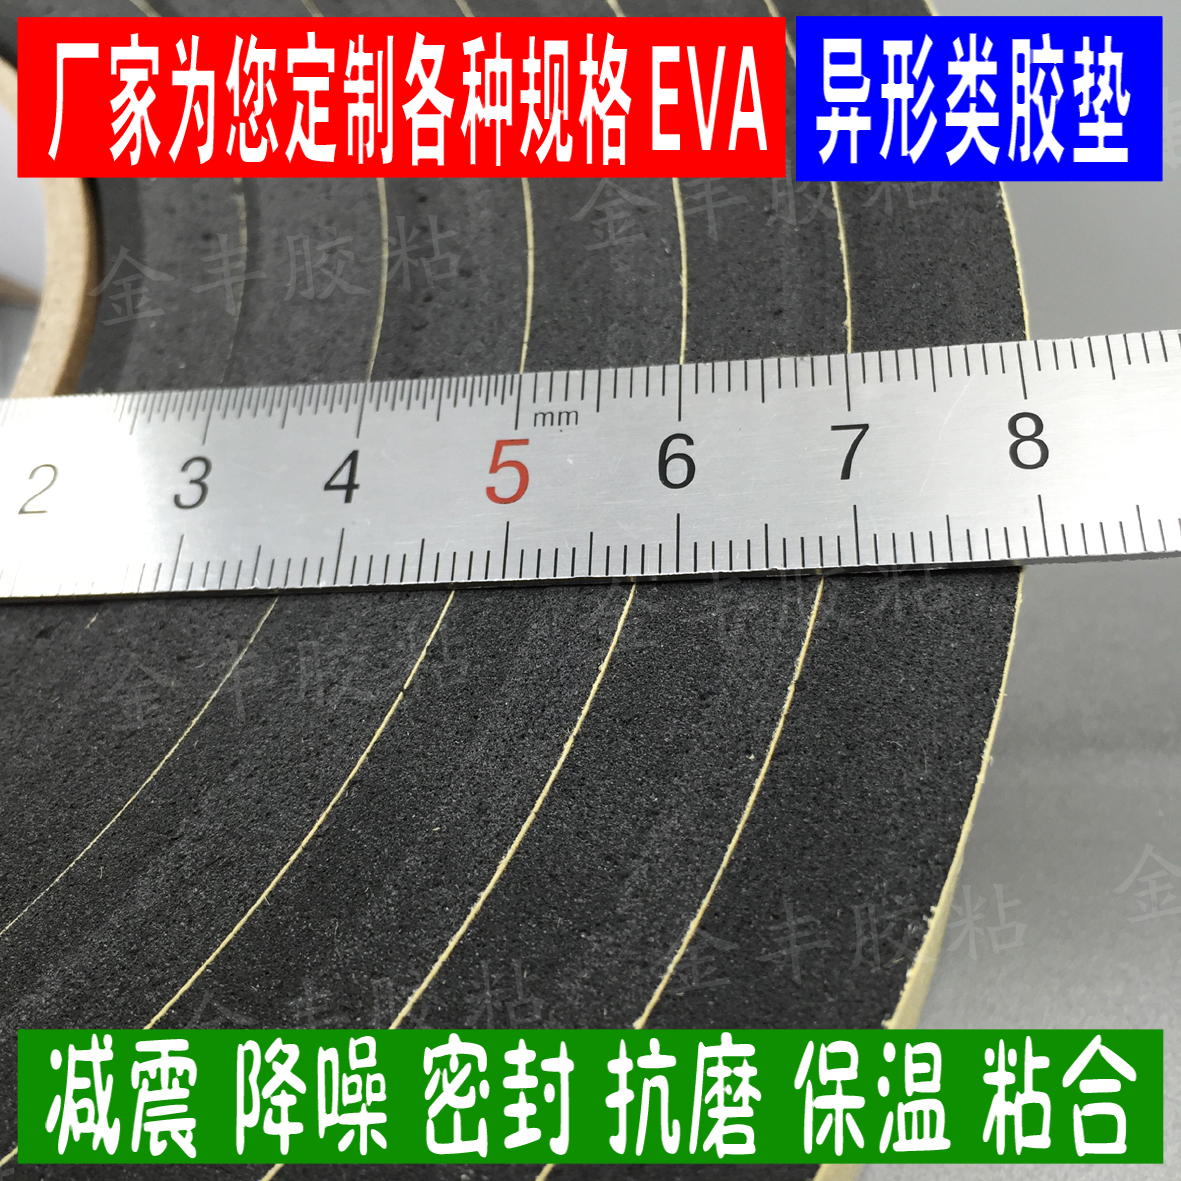 Утеплительная лента Ева Черный односторонний пены ленты губчатой резины запечатывания и шок поглощения и анти-износа 10 мм * 2 см ширина * 3 метров длиной в рулоне